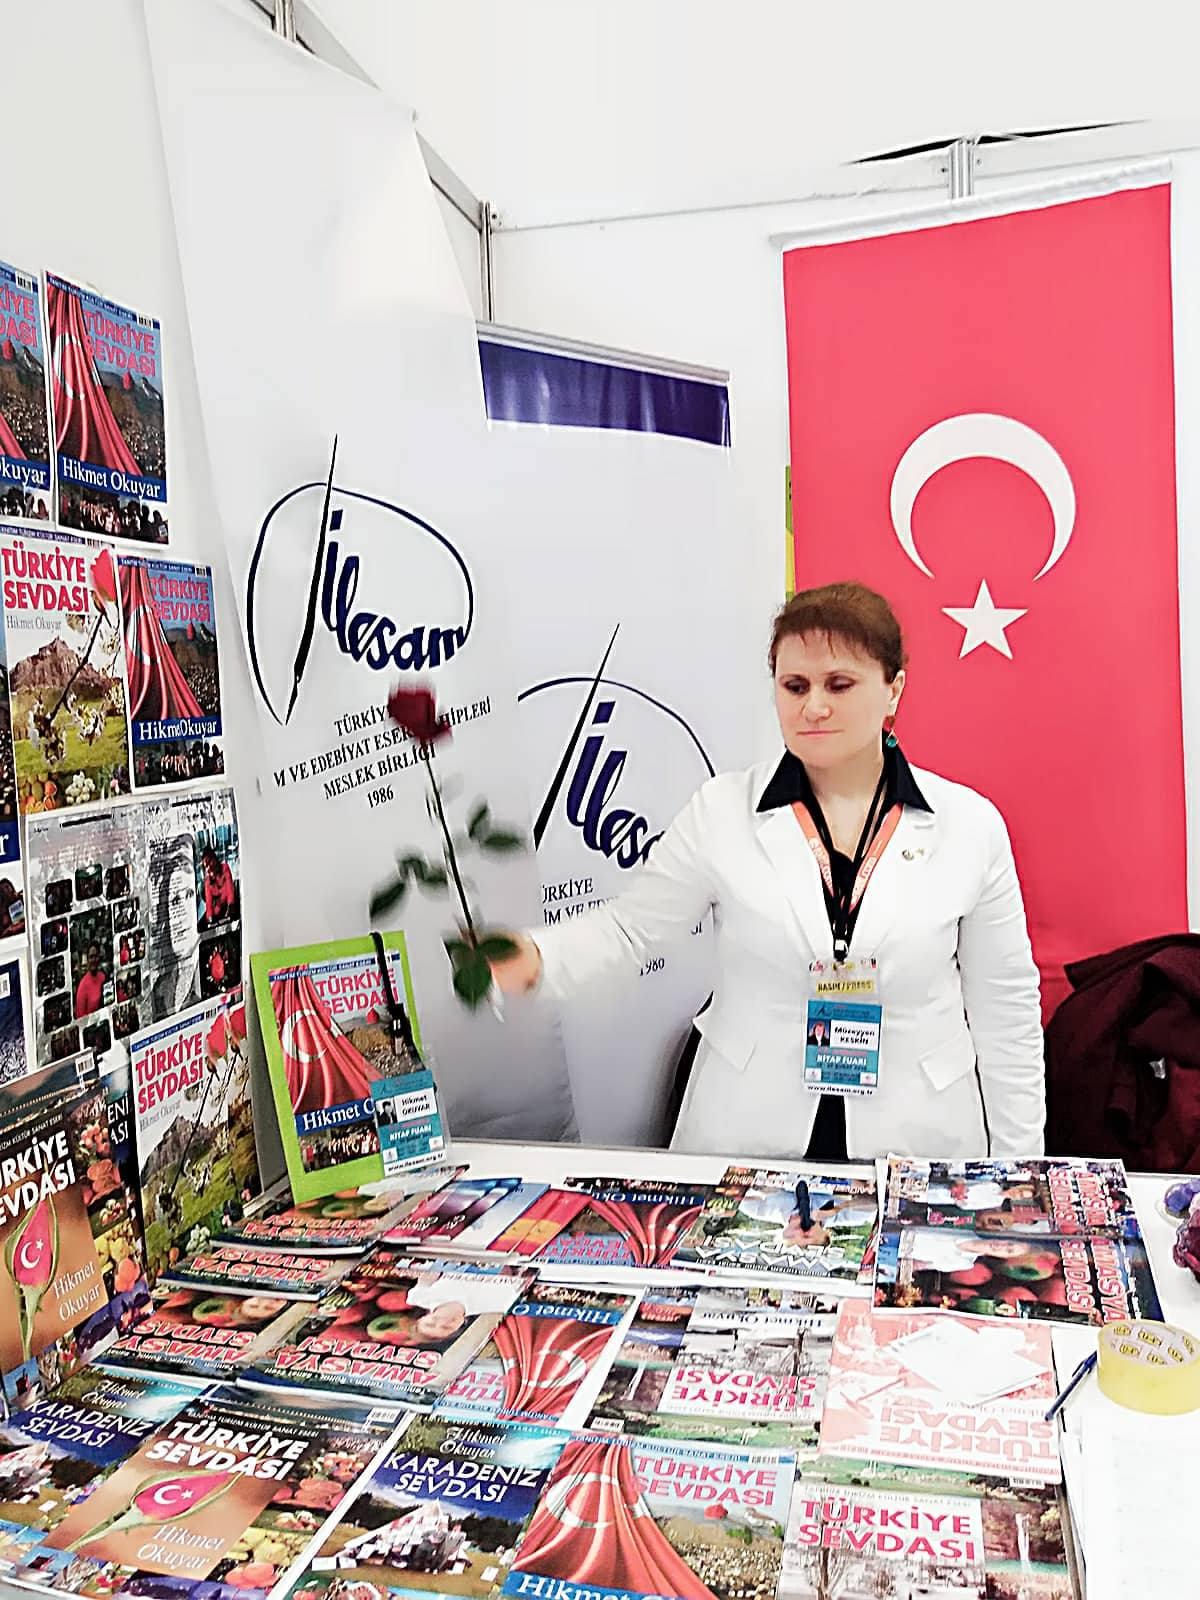 TÜRKİYE SEVDASI tanıtımı ÇANKAYA'DA YAPILDI..